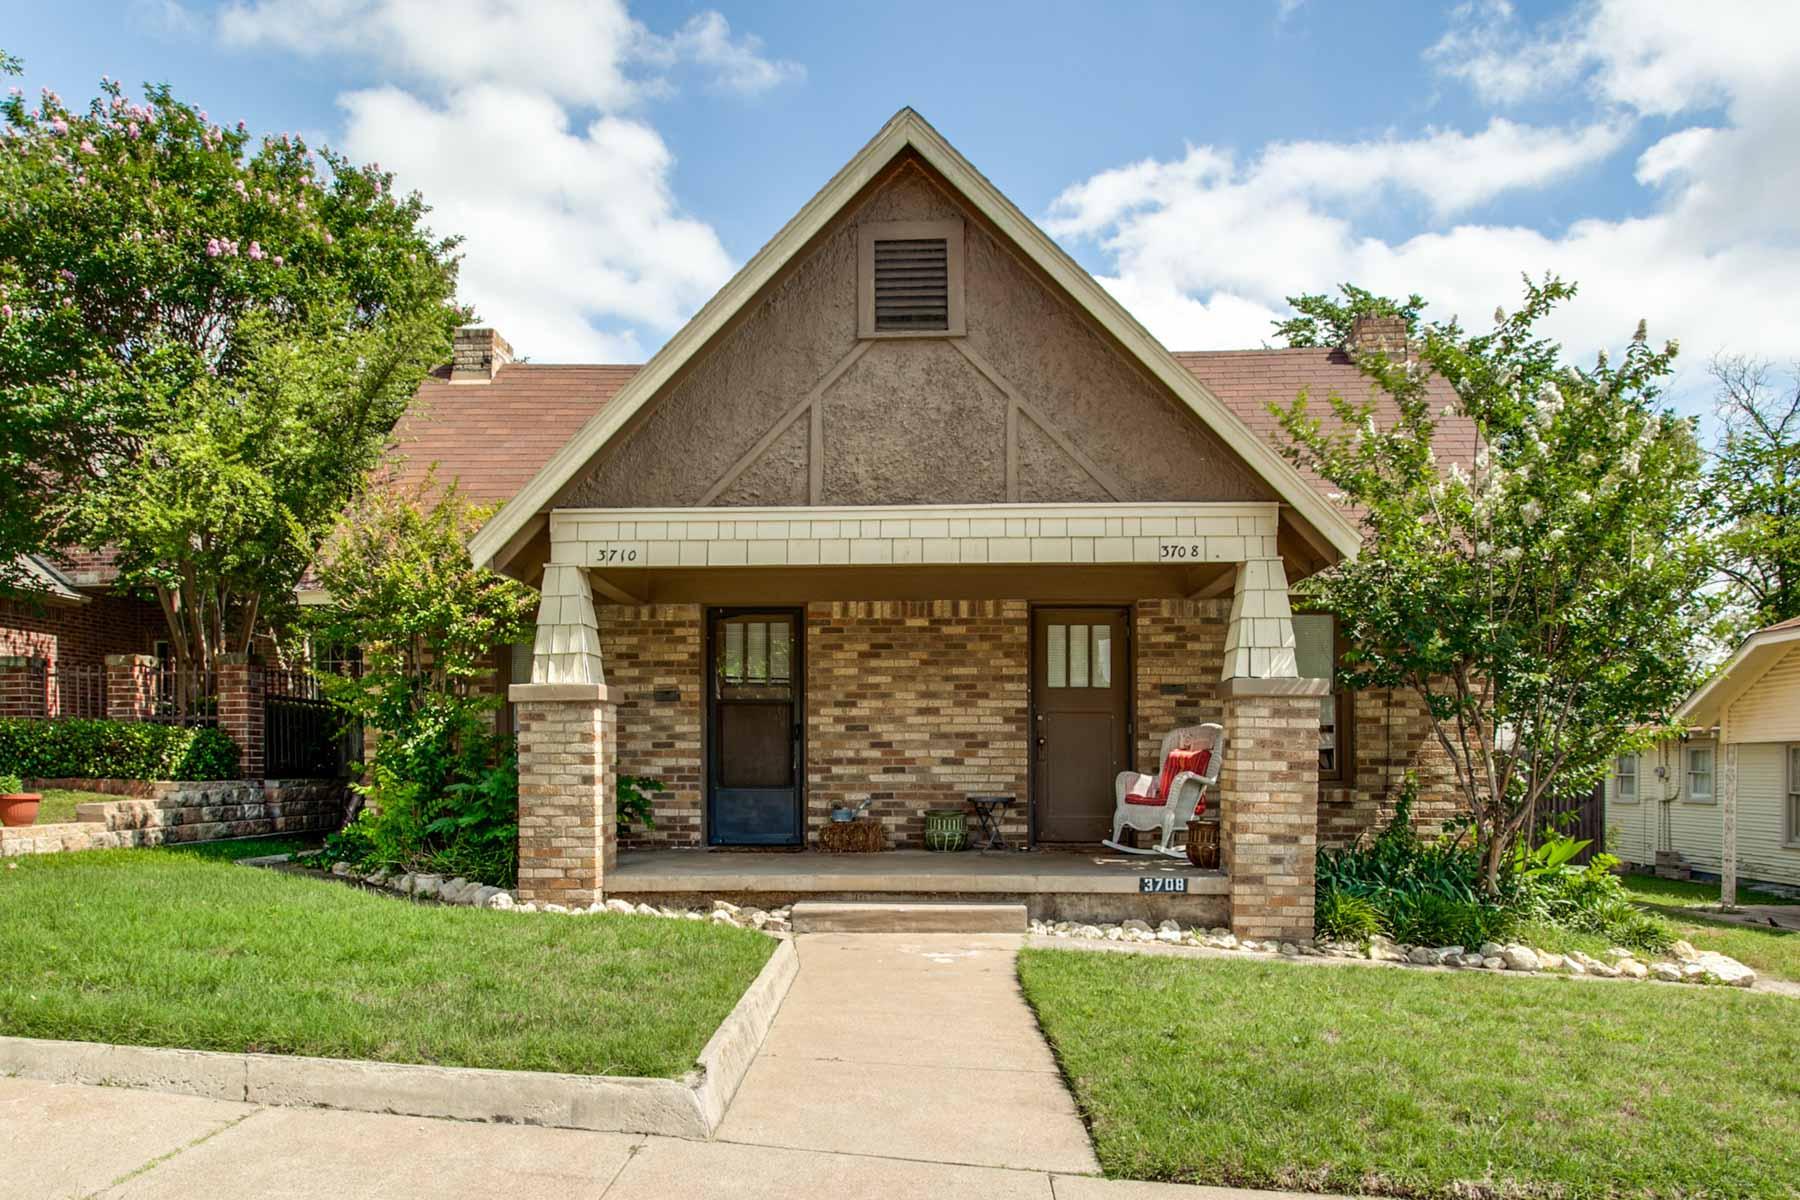 Nhà ở nhiều gia đình vì Bán tại Mutli Family Duplex 3710 W. 5th Street Fort Worth, Texas, 76107 Hoa Kỳ